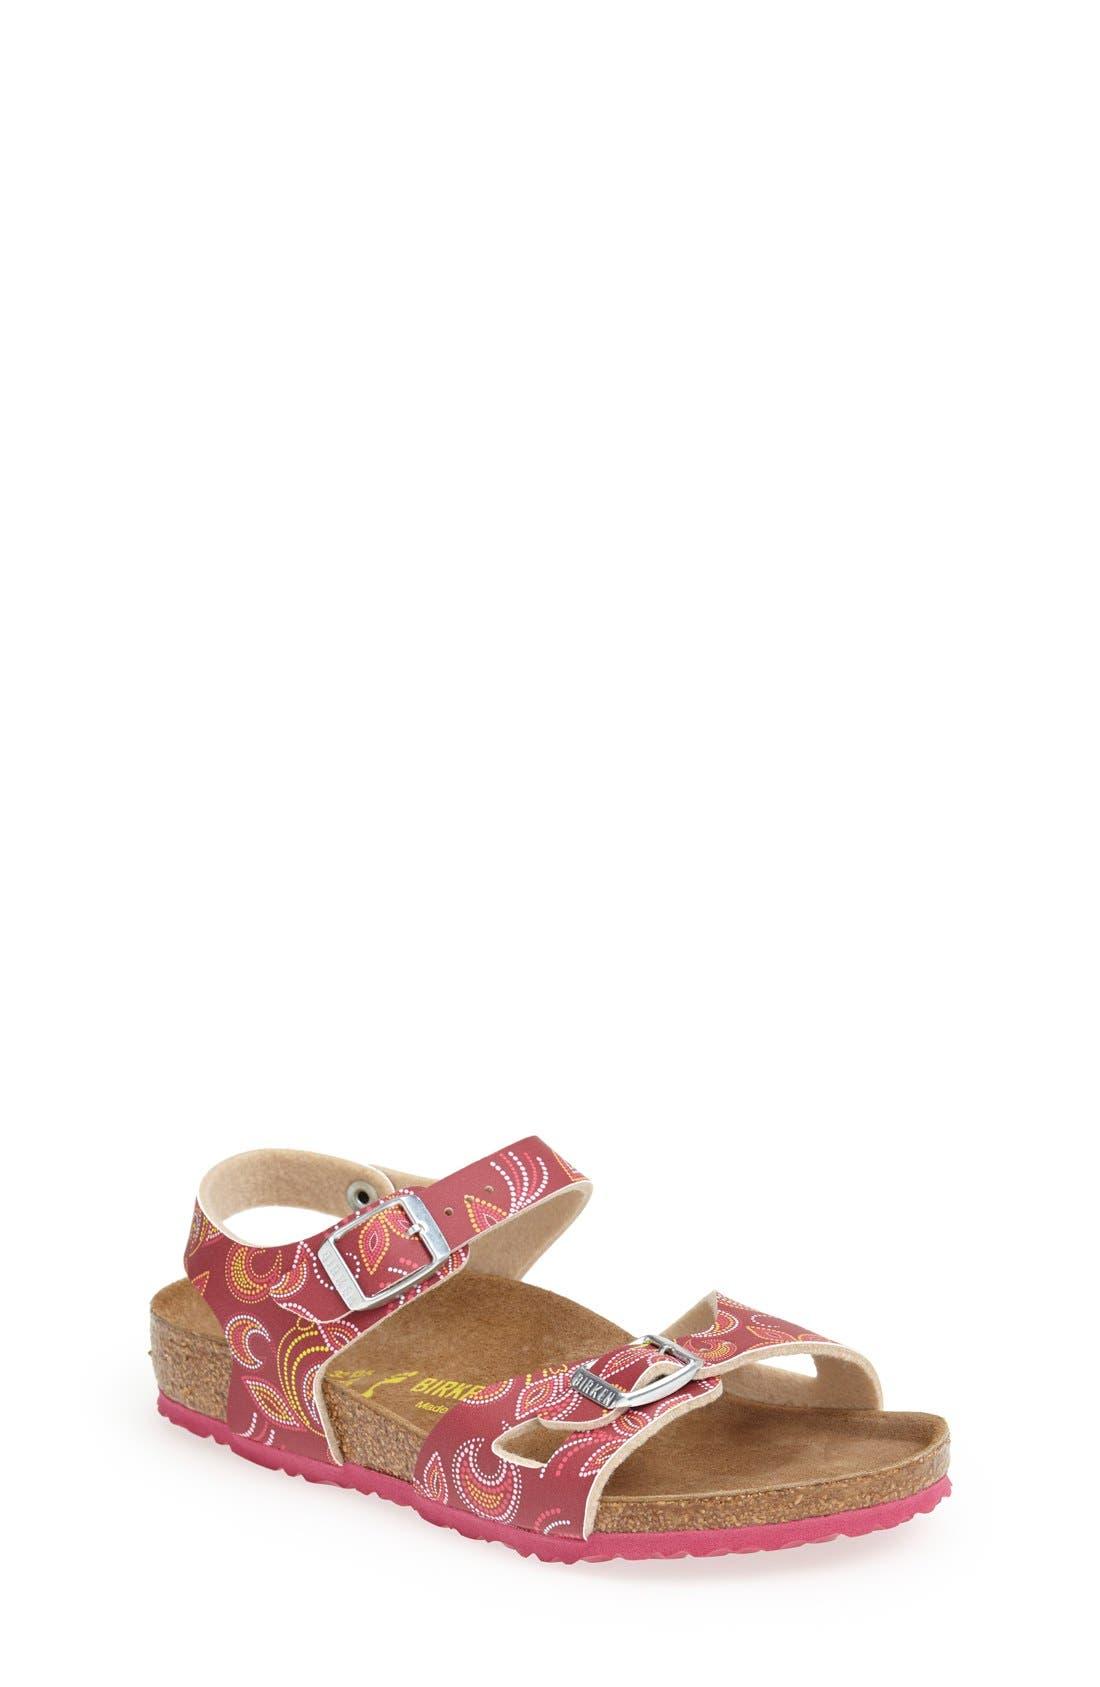 Main Image - Birkenstock 'Rio' Birko-Flor™ Sandal (Walker, Toddler & Little Kid)